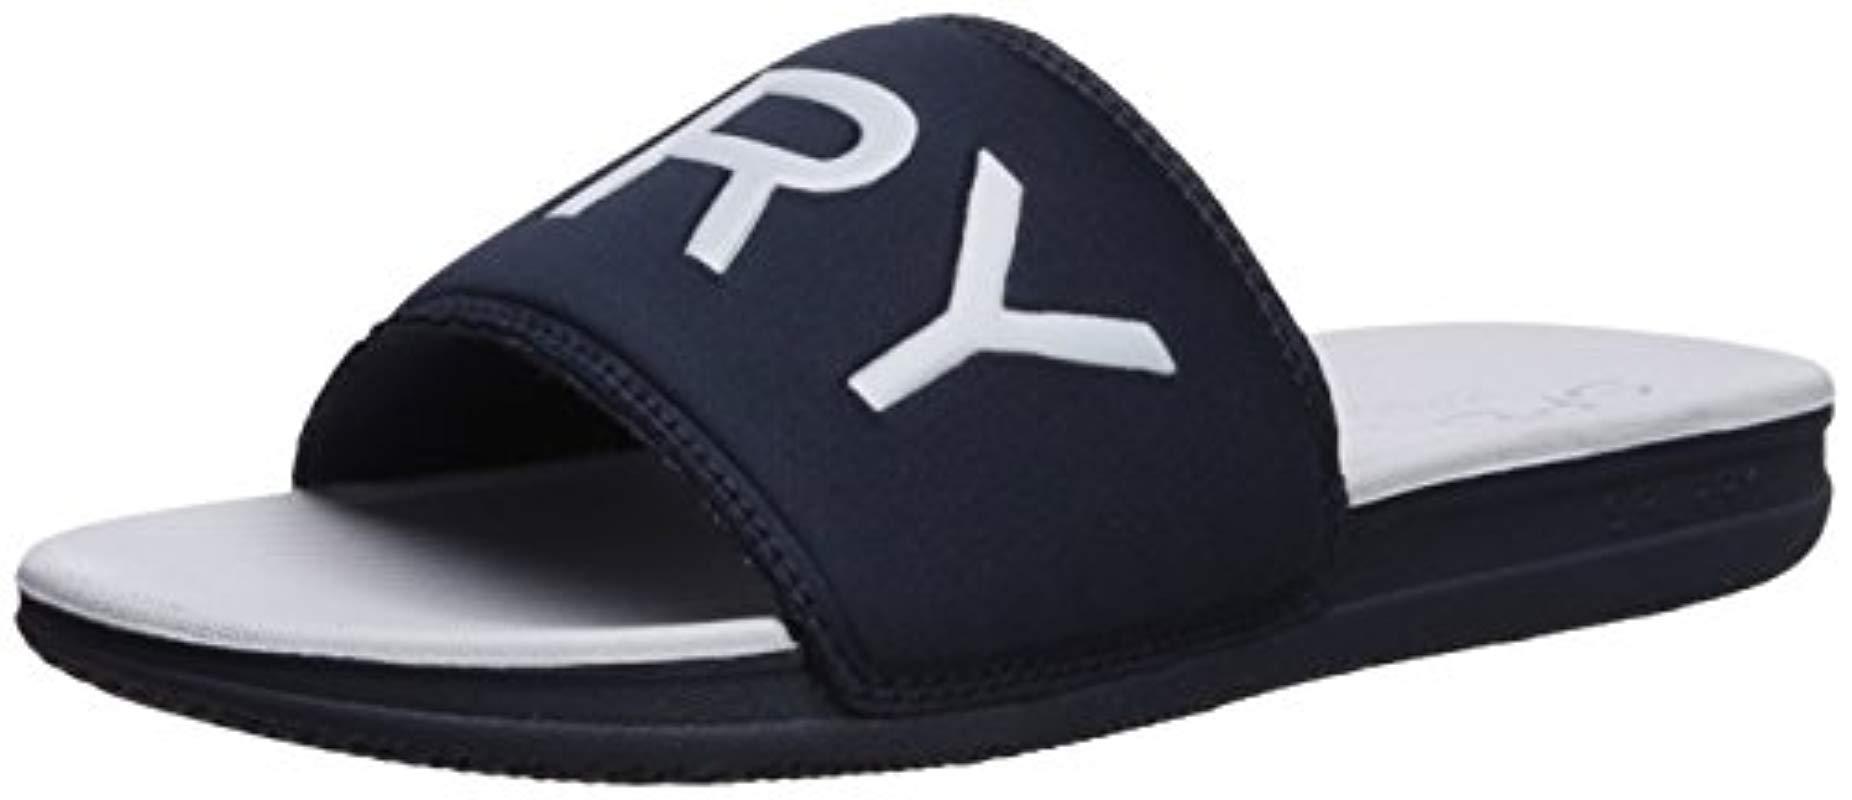 d19c5f252da Lyst - Sperry Top-Sider Intrepid Slide Sandal in Blue for Men - Save 15%